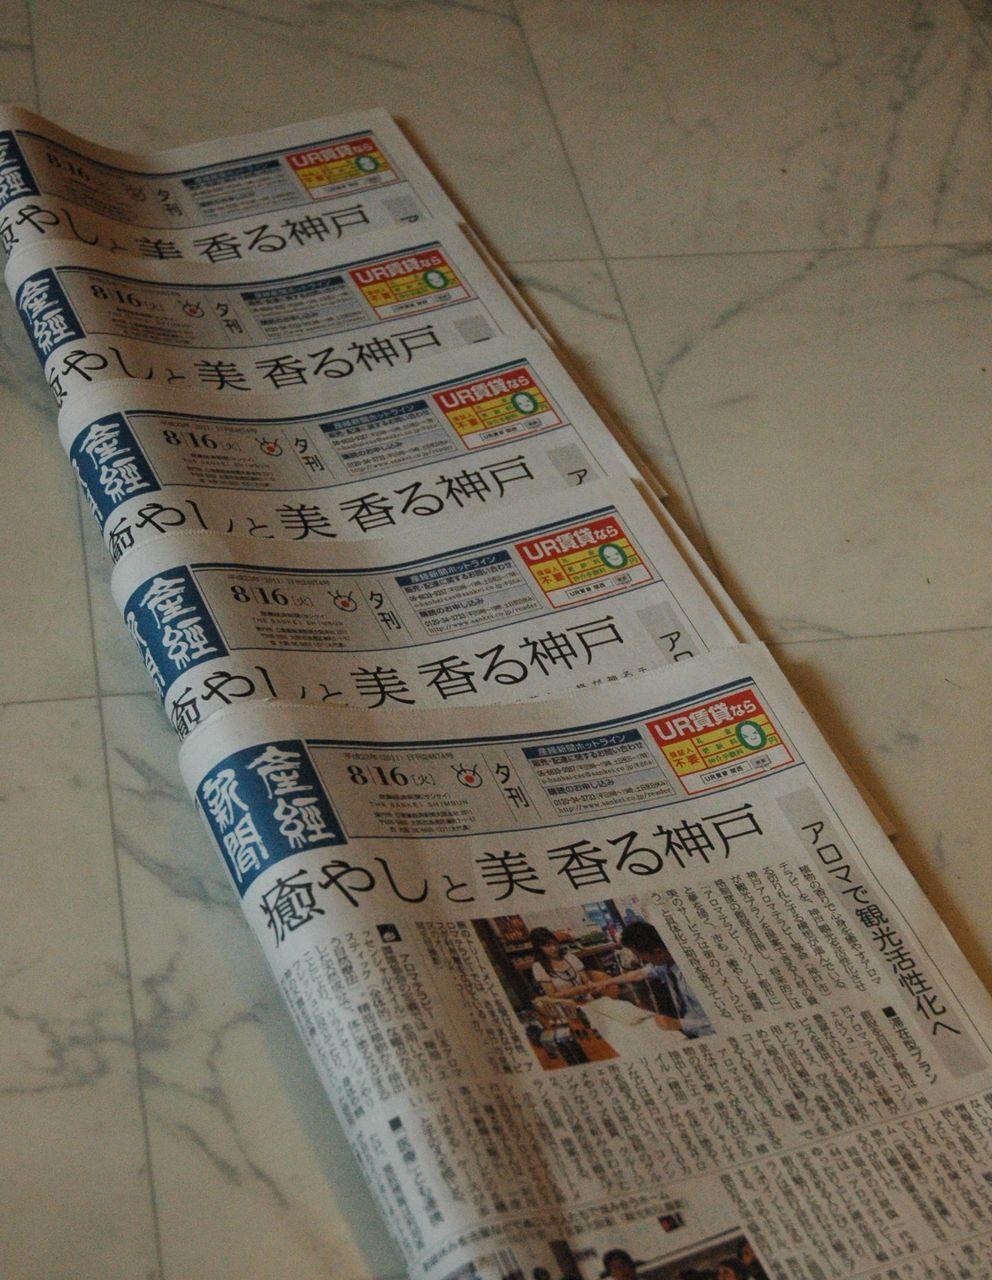 産經新聞の記事を駅売店で見た時の再現